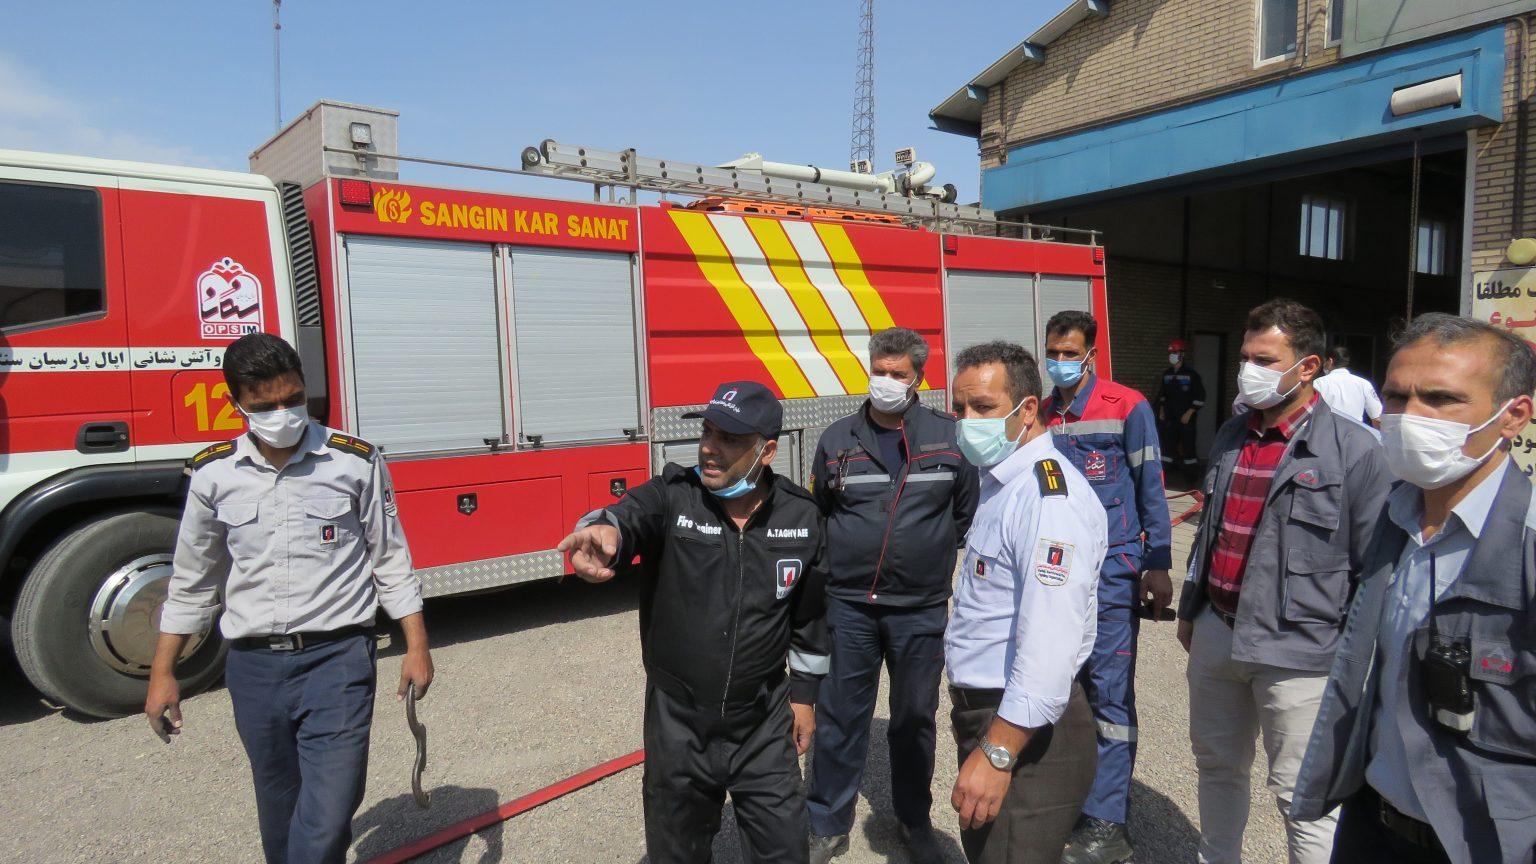 برگزاری دوره های آموزشی تخصصی اطفای حریق و تکنیک های آبرساني توسط شرکت سیمیدکو